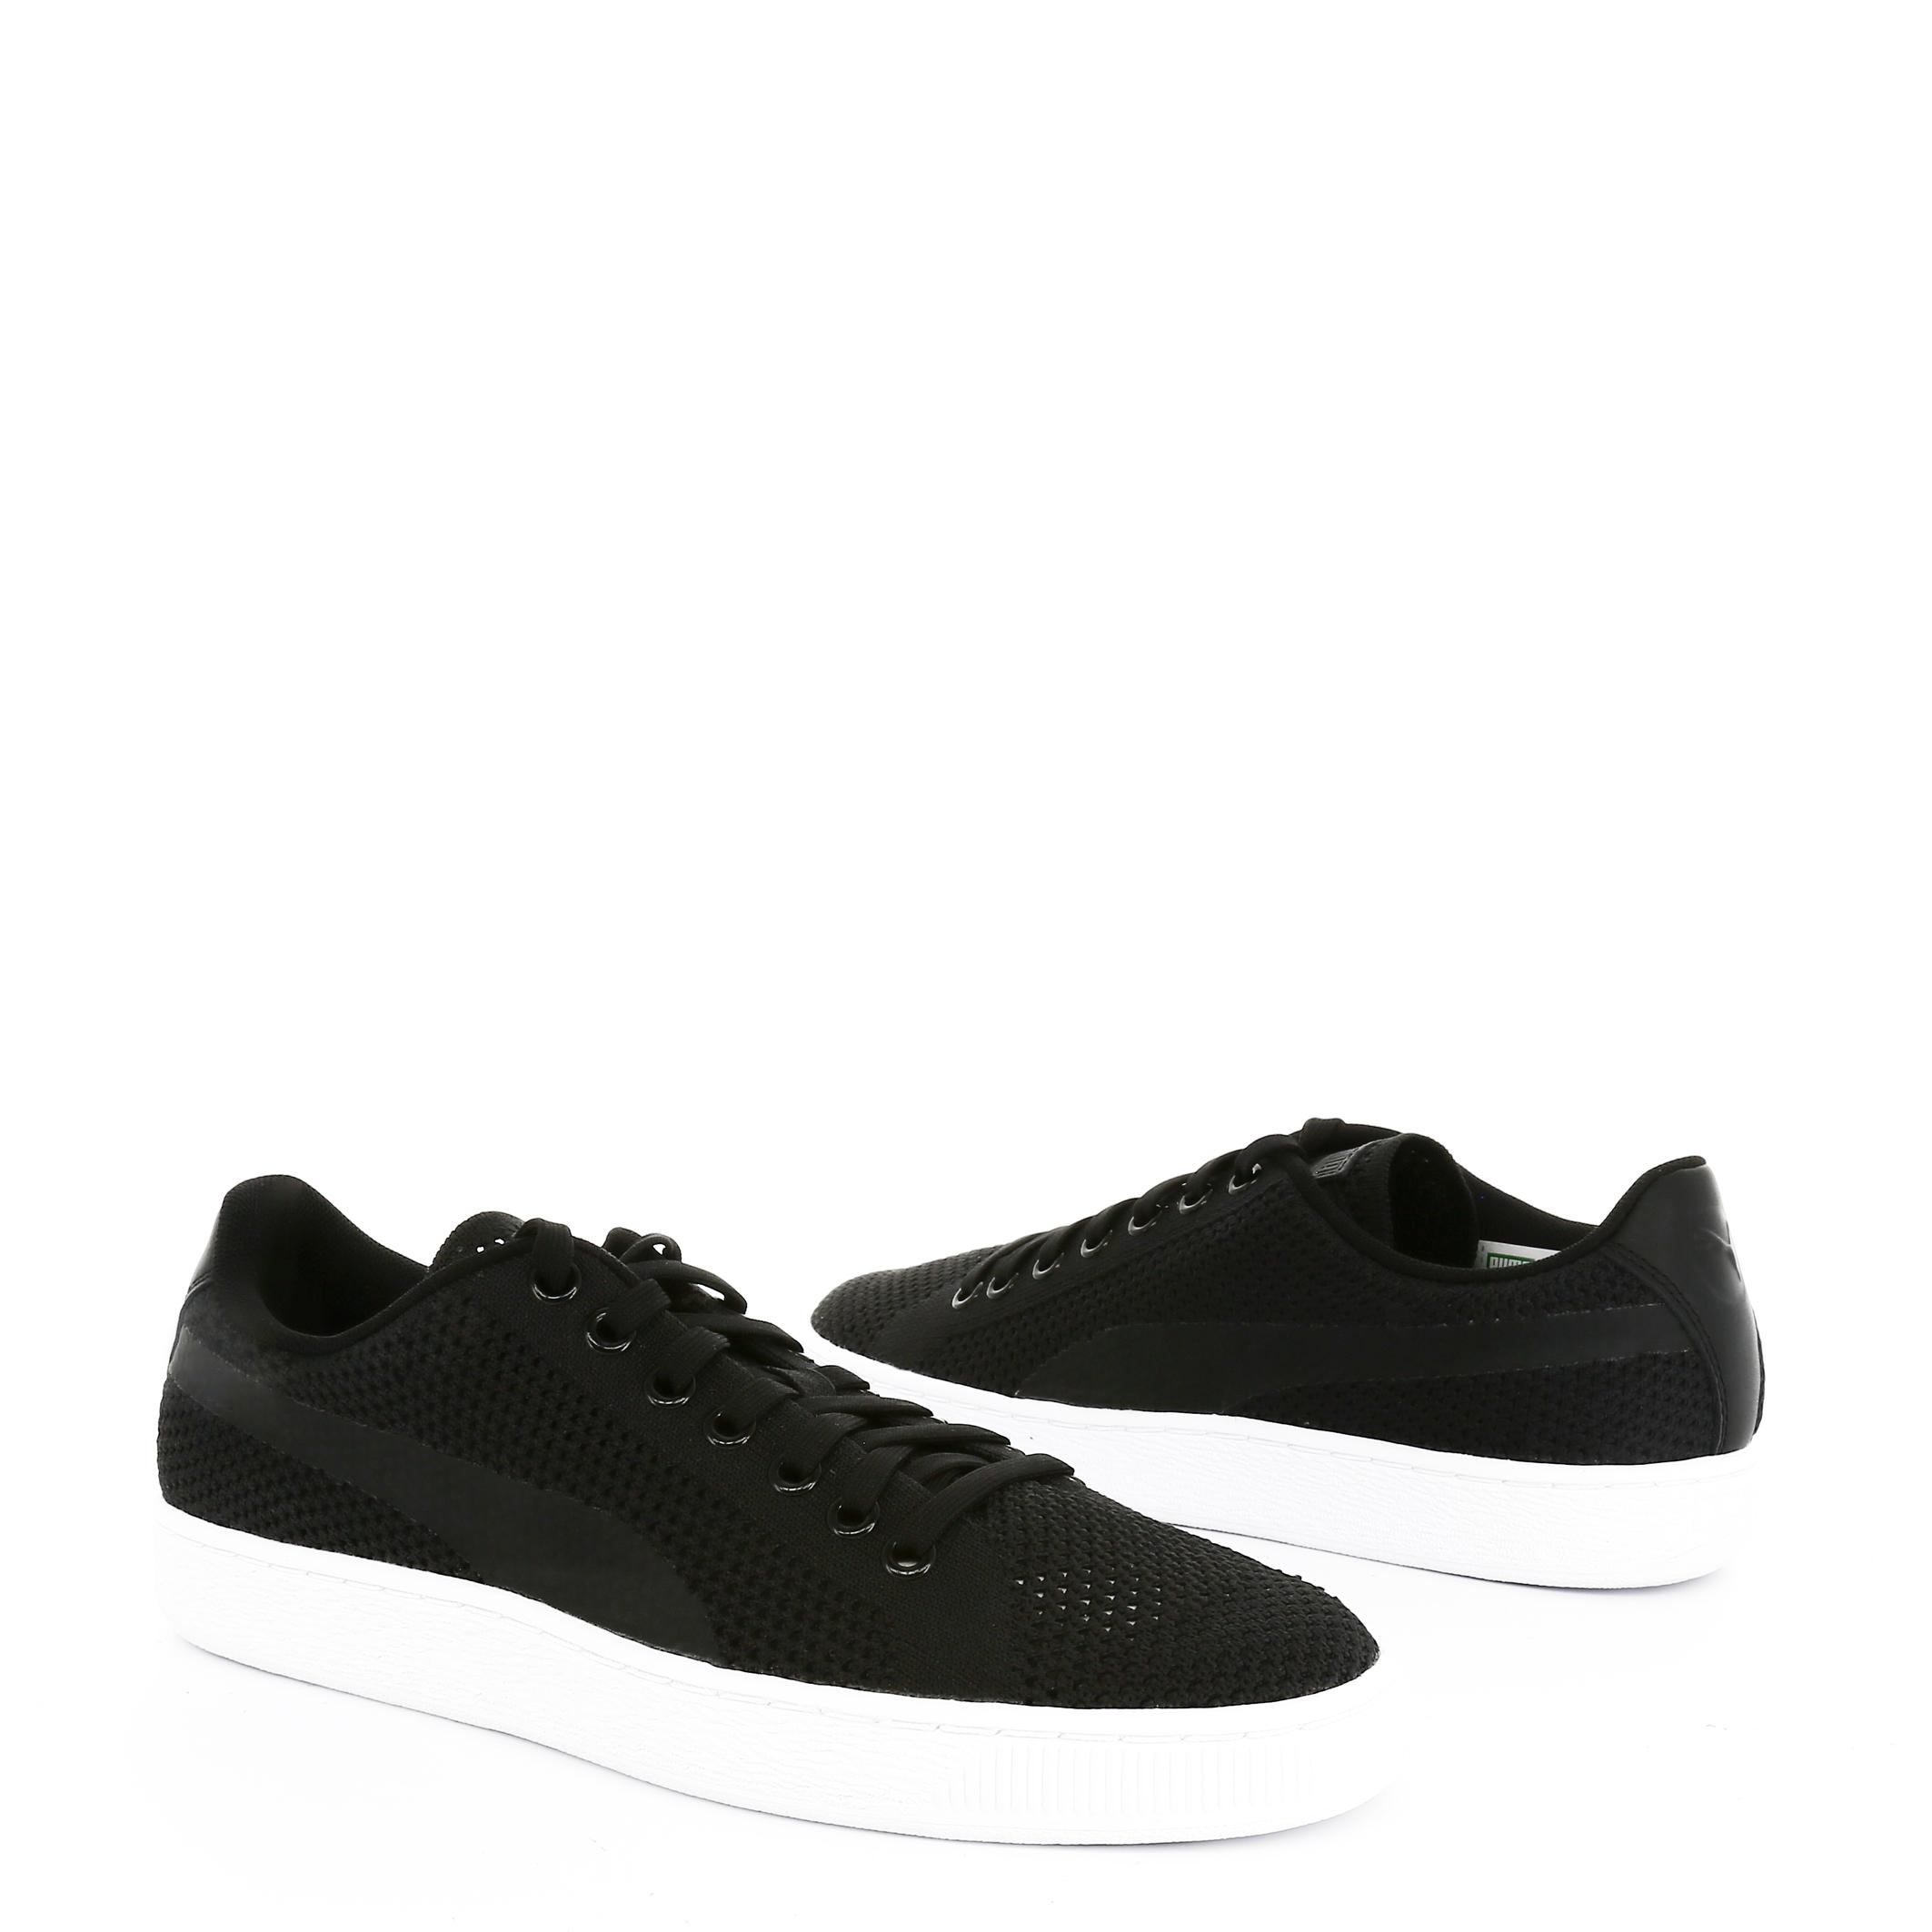 Homme Puma Chaussures Basket Sneakers Classic Noir femme qUPCw5z